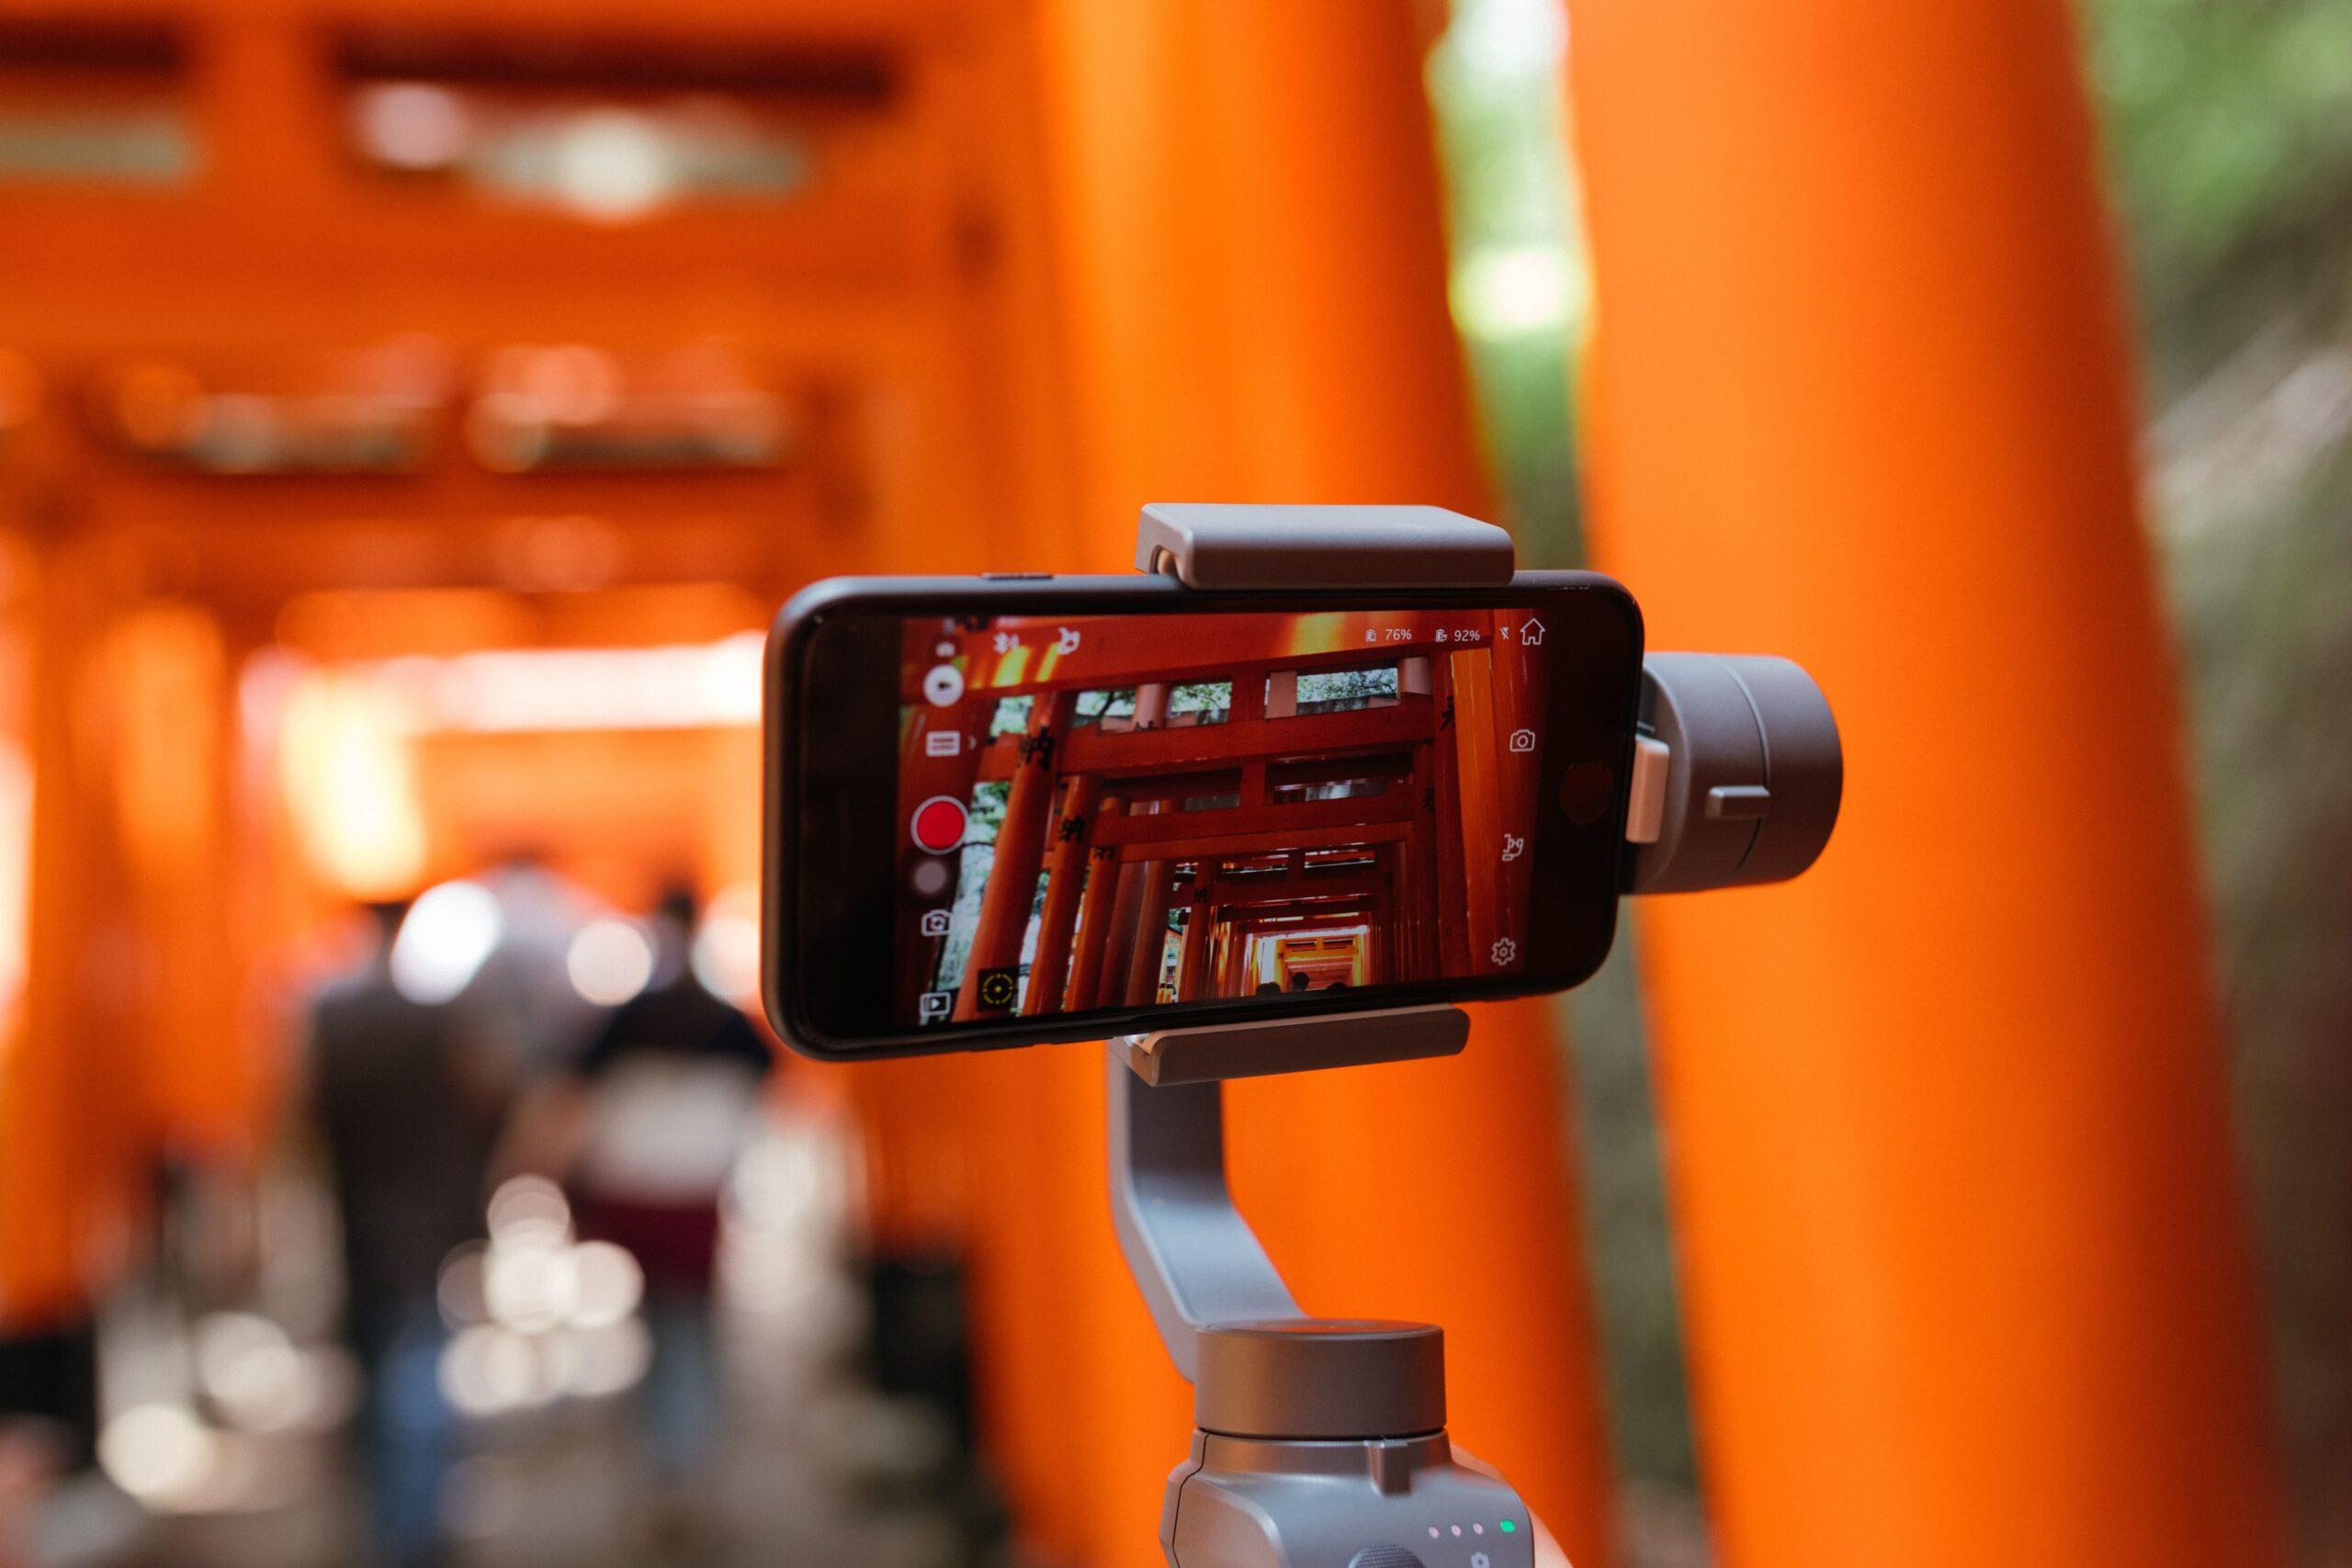 Móvil grabando video iphone en selfie stick